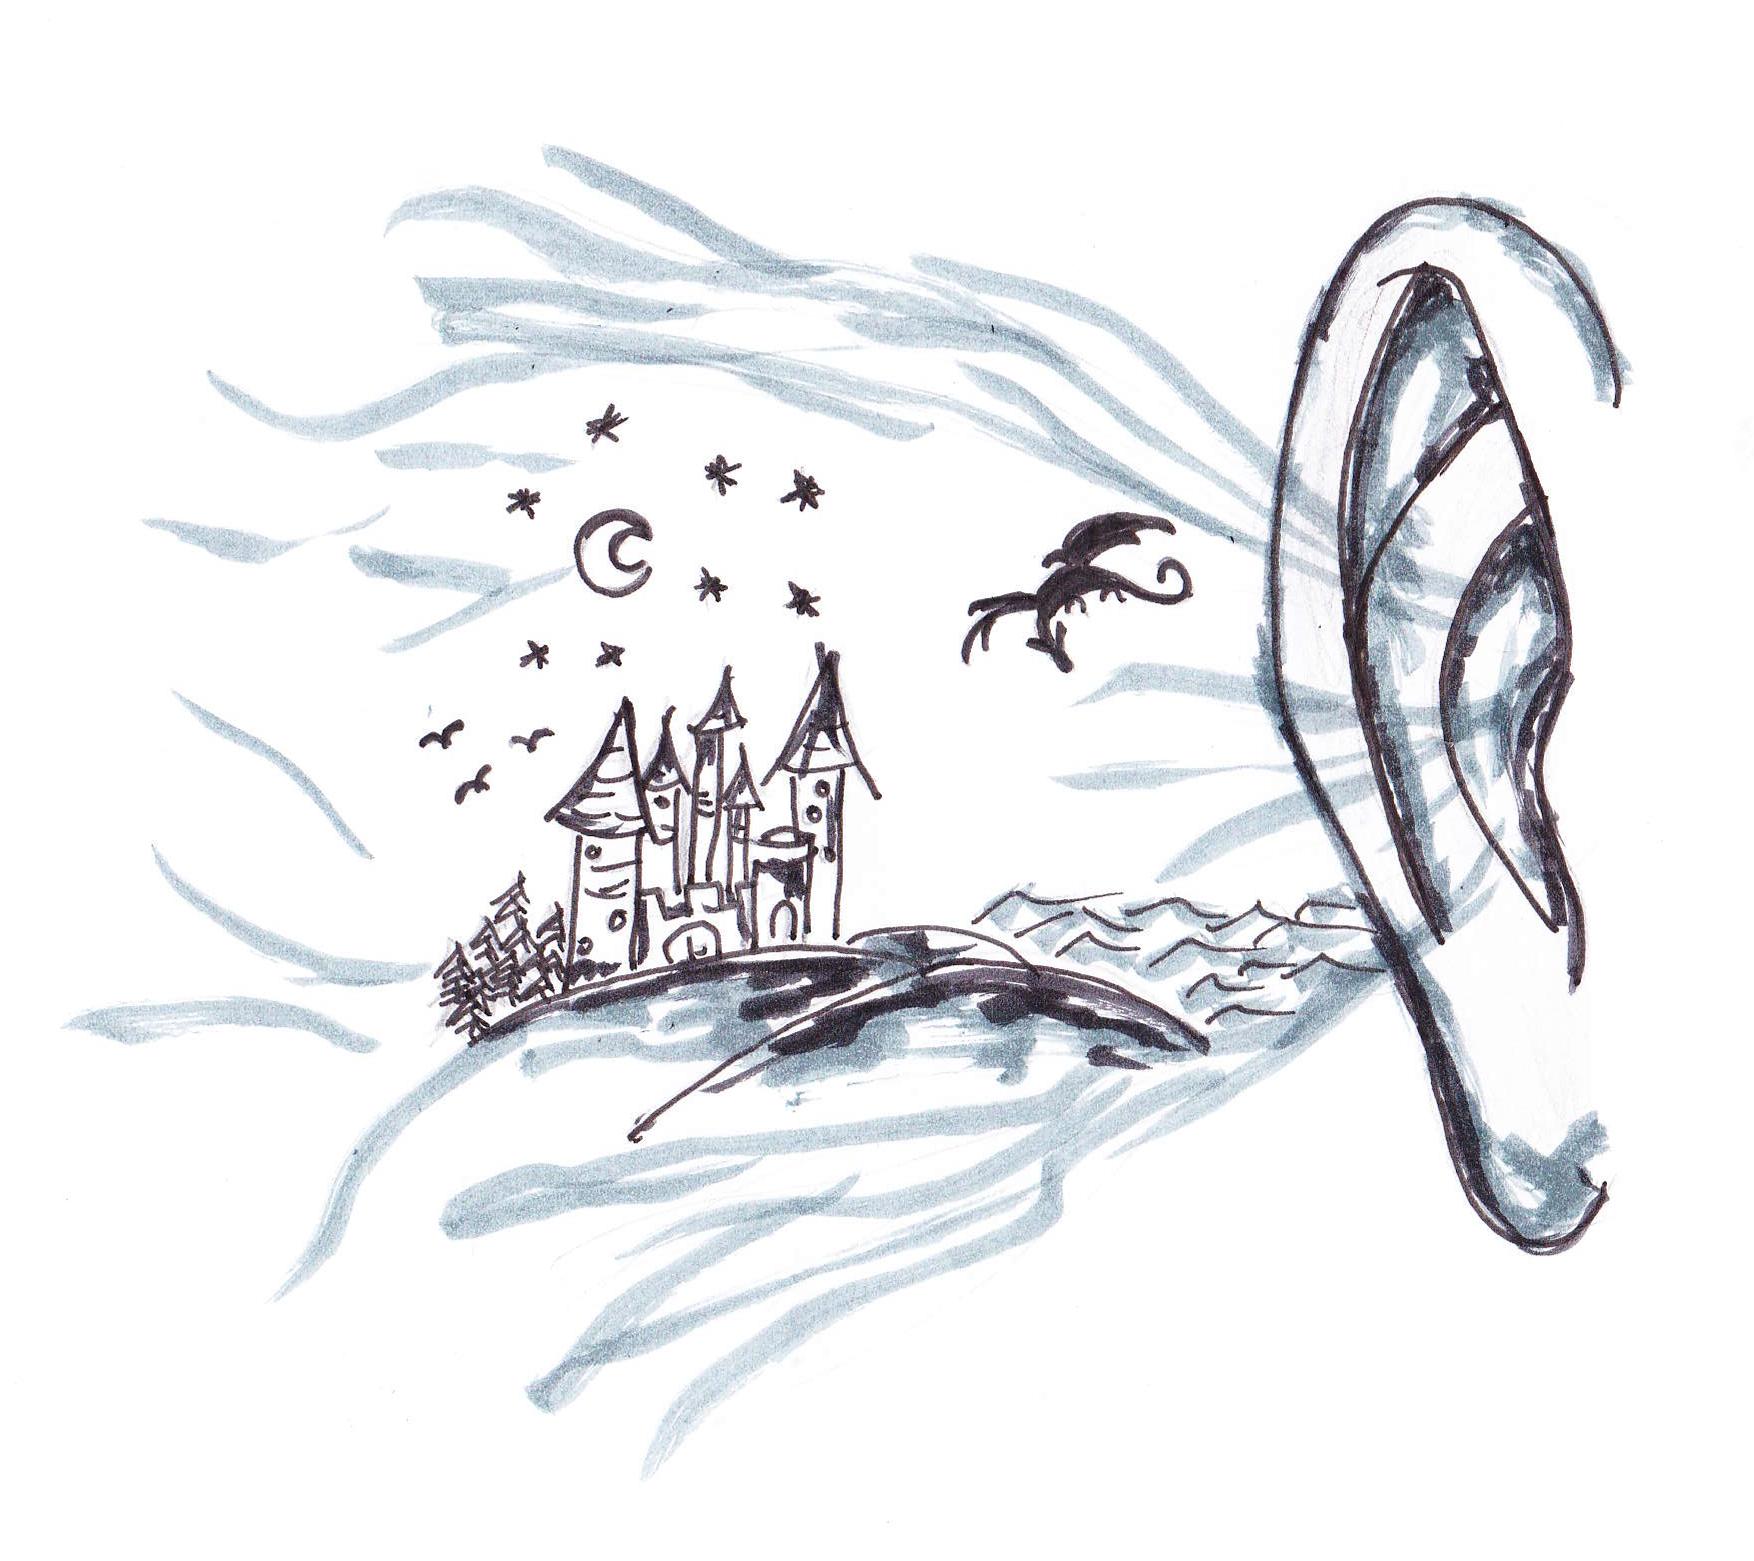 Die Graphik zeigt ein Ohr, das den Ausschnitt einer Fantasiewelt mit einem Schloss auf Hügeln, einem Sternenhimmel mit Halbmond und einem fliegenden Drachen wahrnimmt.